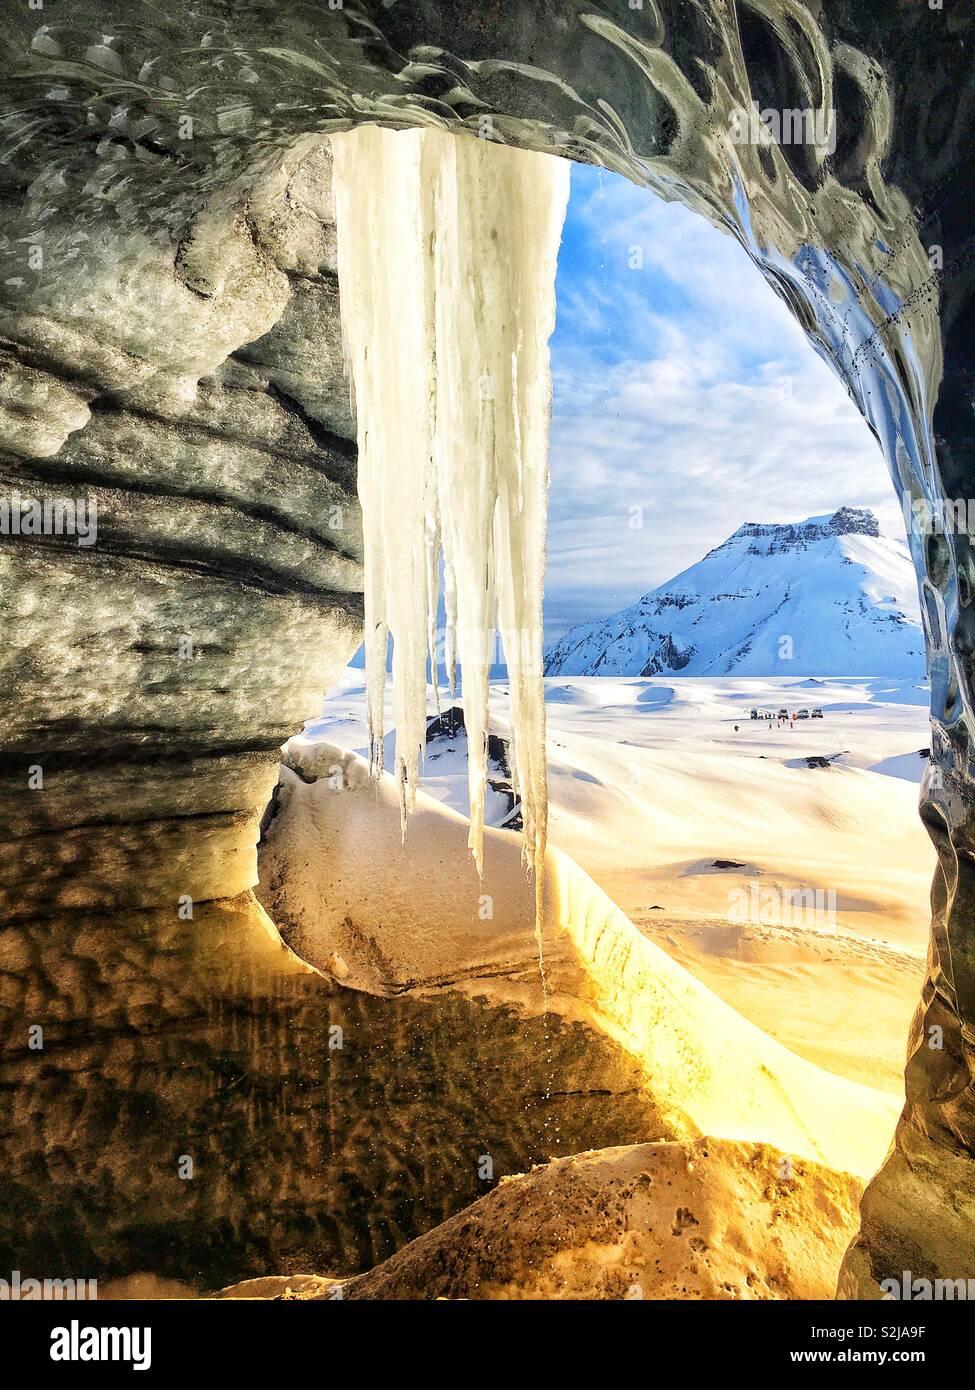 Katla Glacier Ice Cave in der Nähe von Vik, Island zeigen einen großen Eiszapfen nee der Eingang zur Höhle, die in den nahe gelegenen Bergen. Stockbild